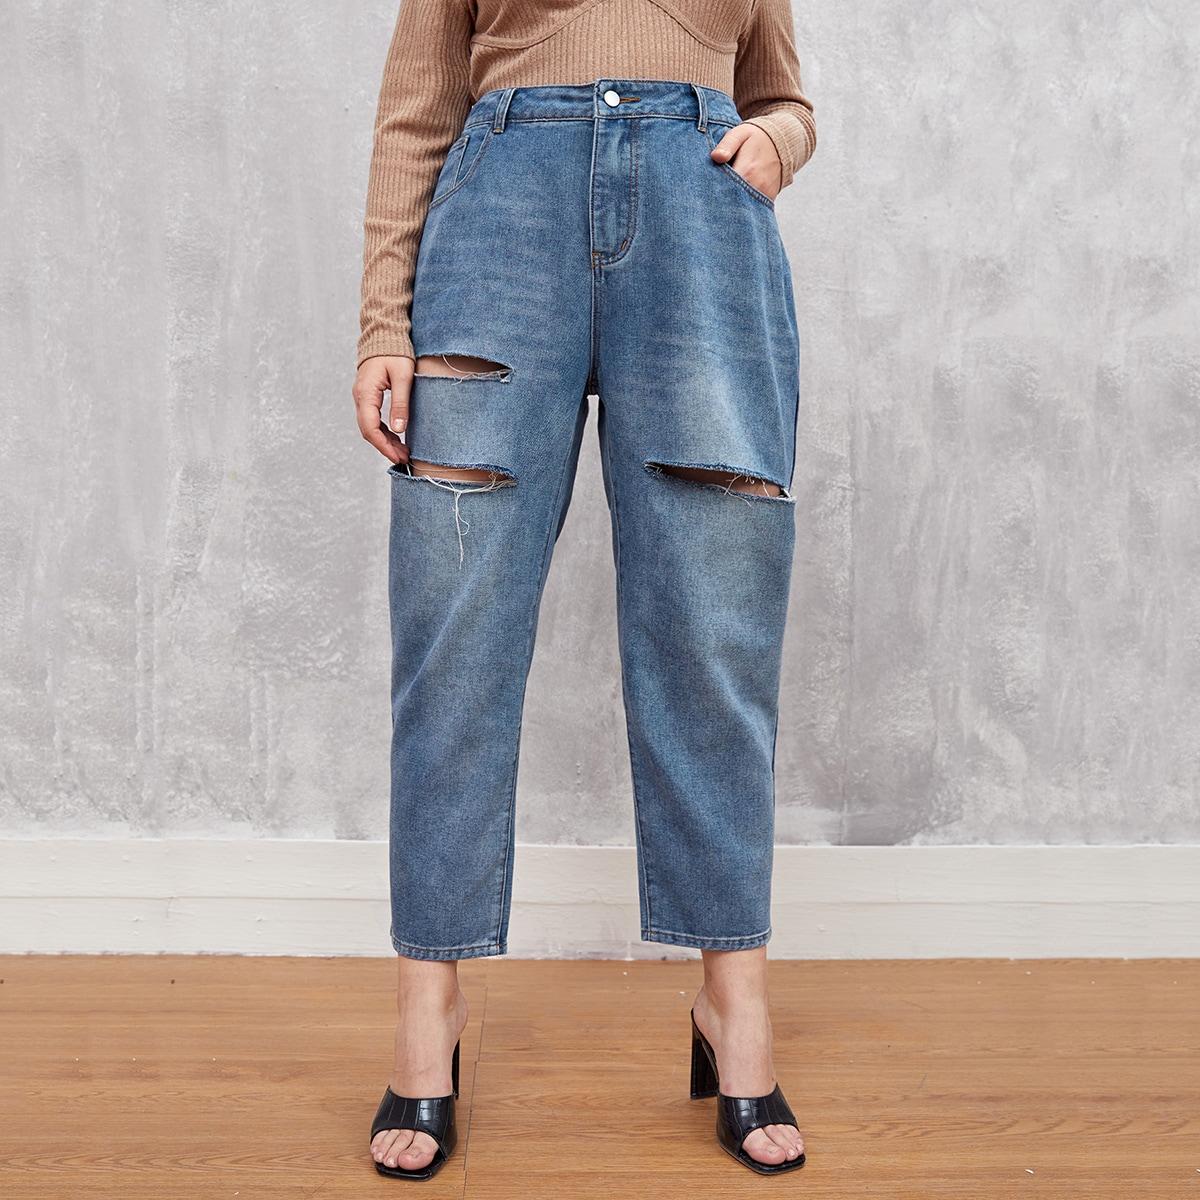 Рваные короткие джинсы размера плюс с высокой талией